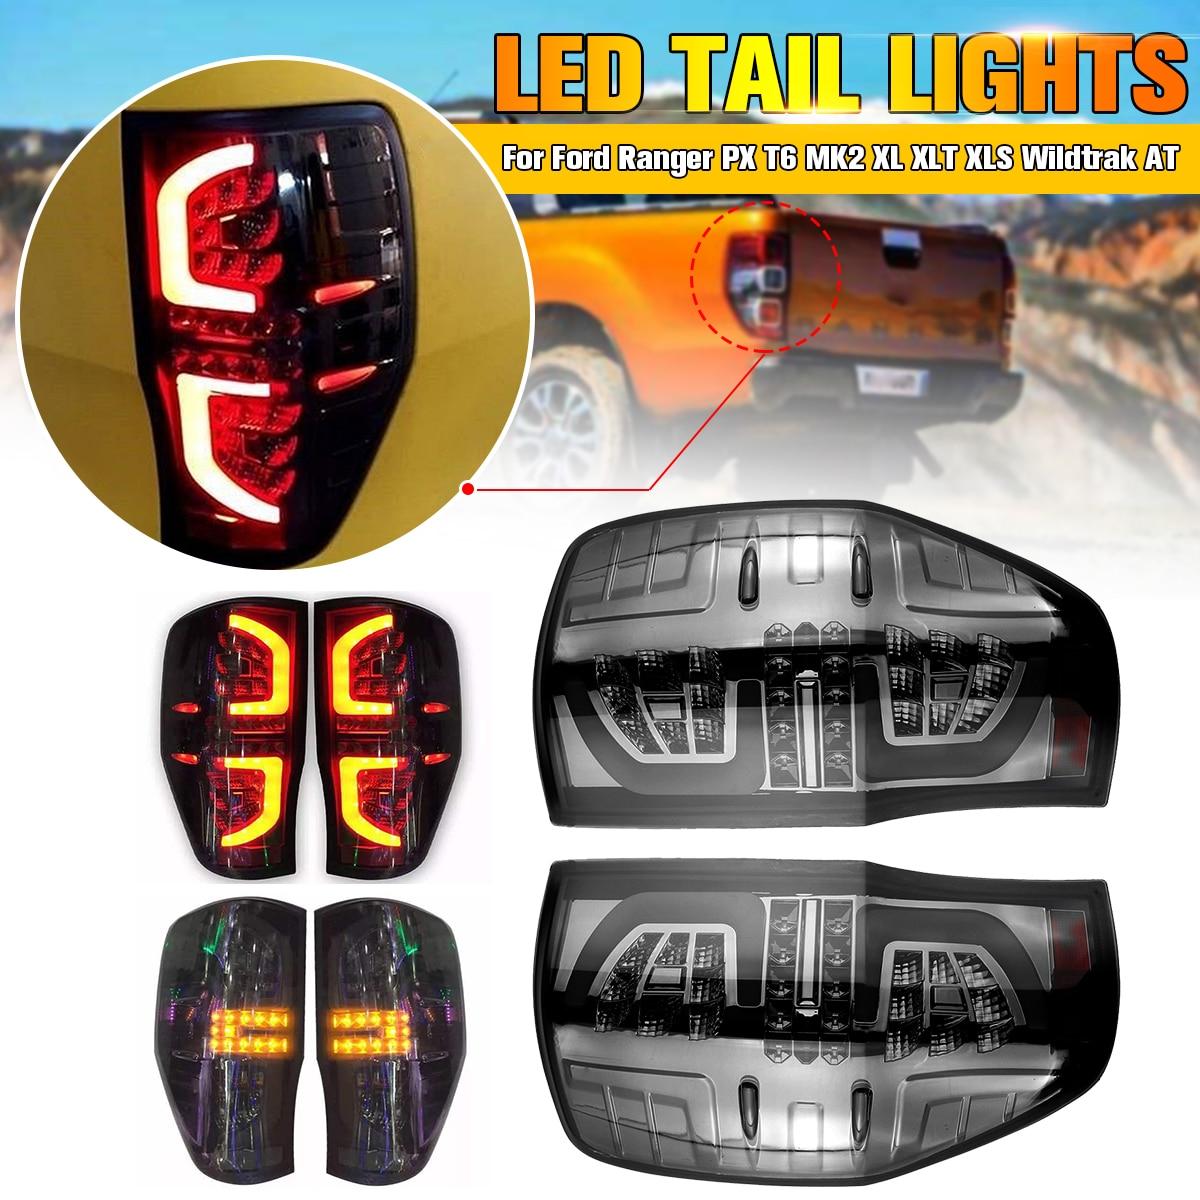 1 paire Arrière Feux Arrière Lampe pour Ford Ranger PX T6 MK2 XL XLT XLS Wildtrak À Fumé LED Faire l'installation Brise Match Usine